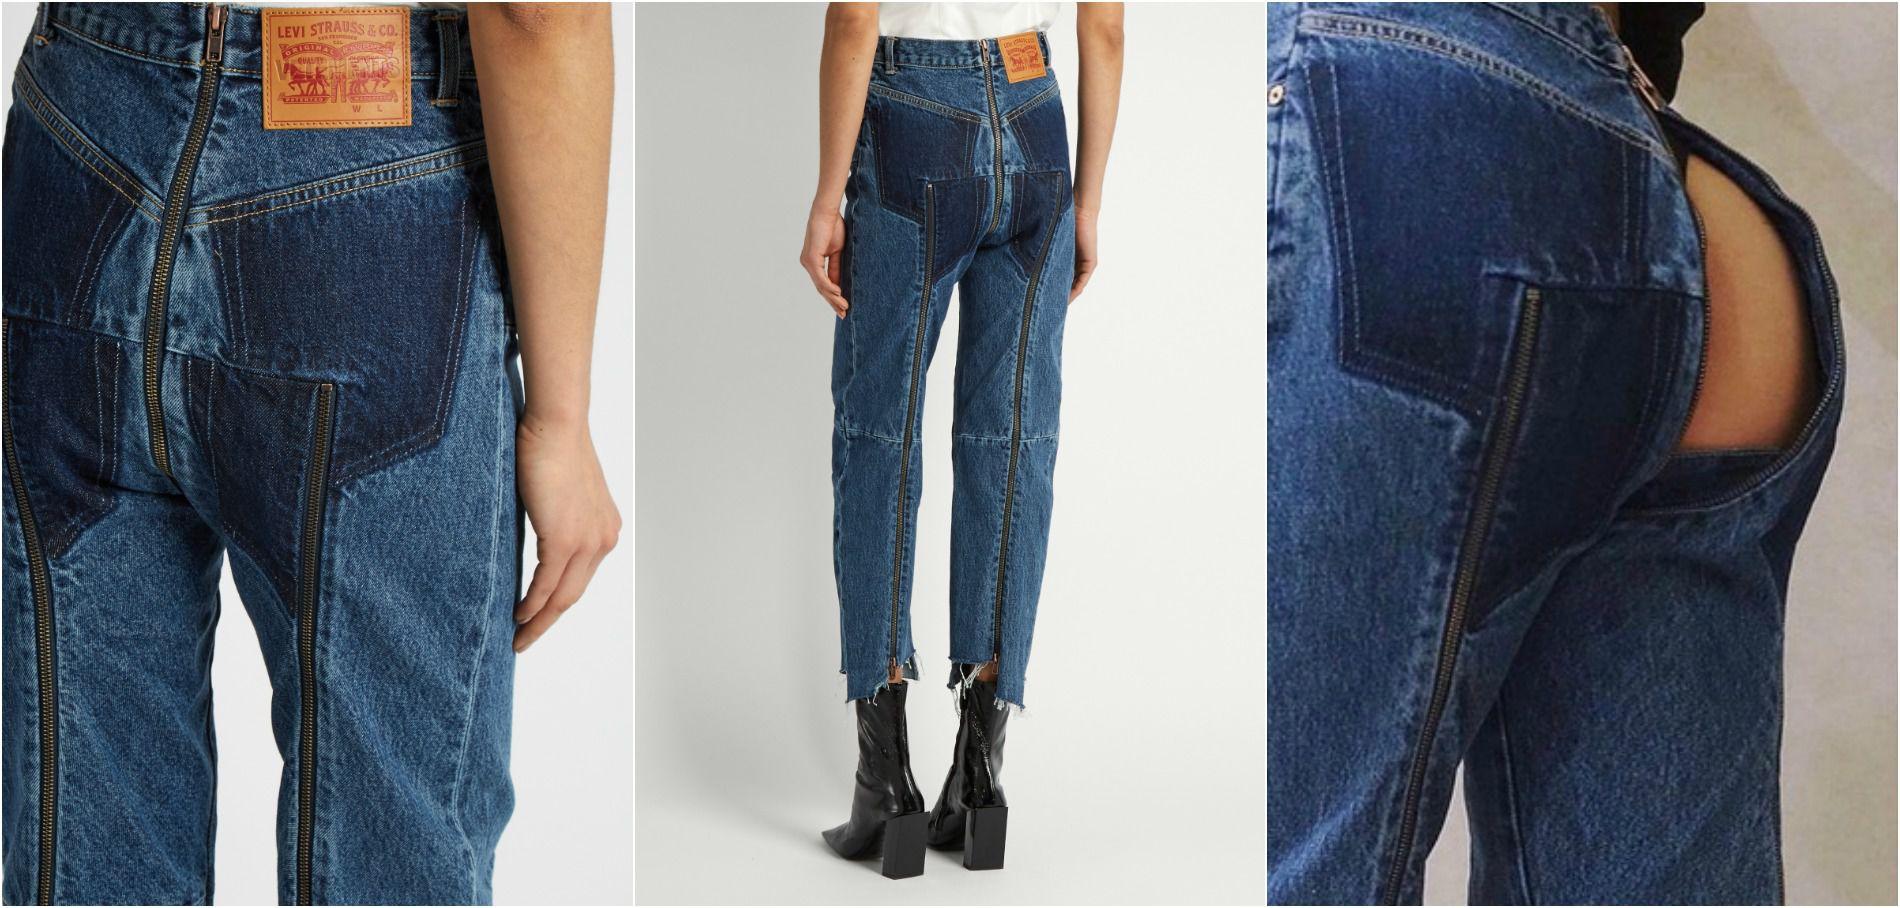 Levi's'ın Yeni Jean Modeli Herkesi Şok Etti!